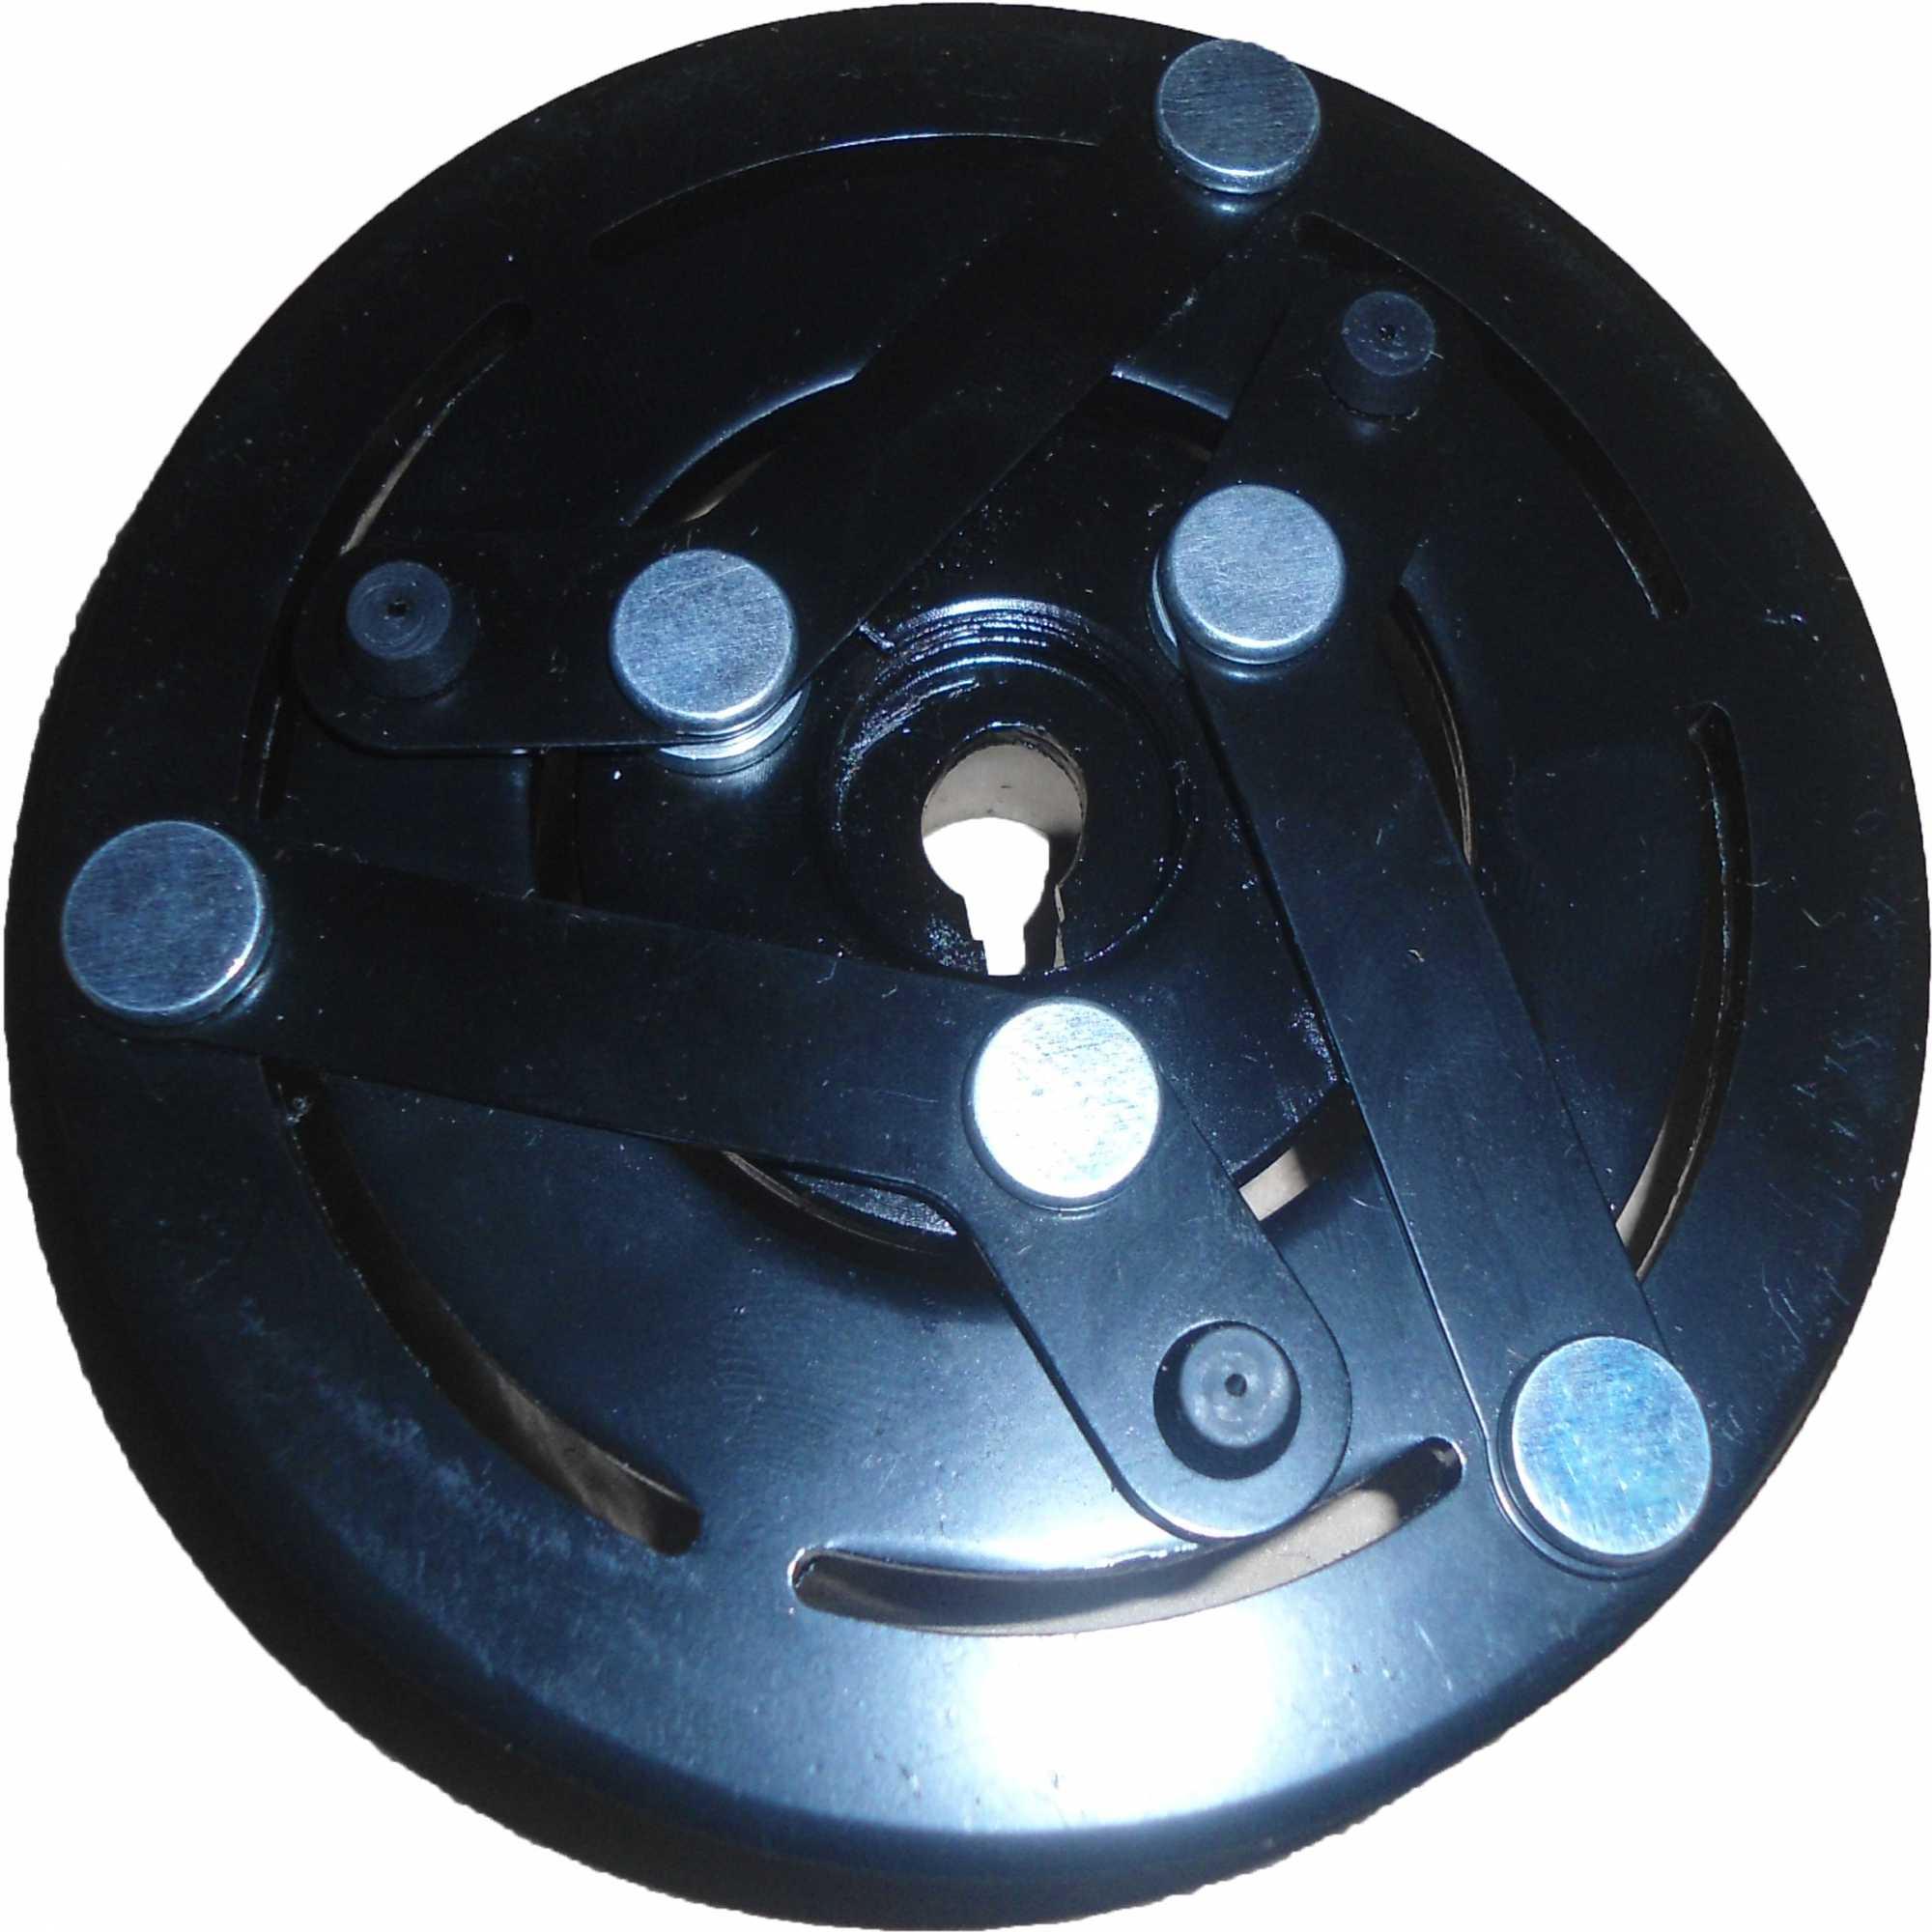 Embreagem Compressor - Gol Bola/Giii/Giv/Palio 1.0/1.5 Gol Bola/Giii/Giv/Palio 1.0/1.5 >00 *Denso 10P08*